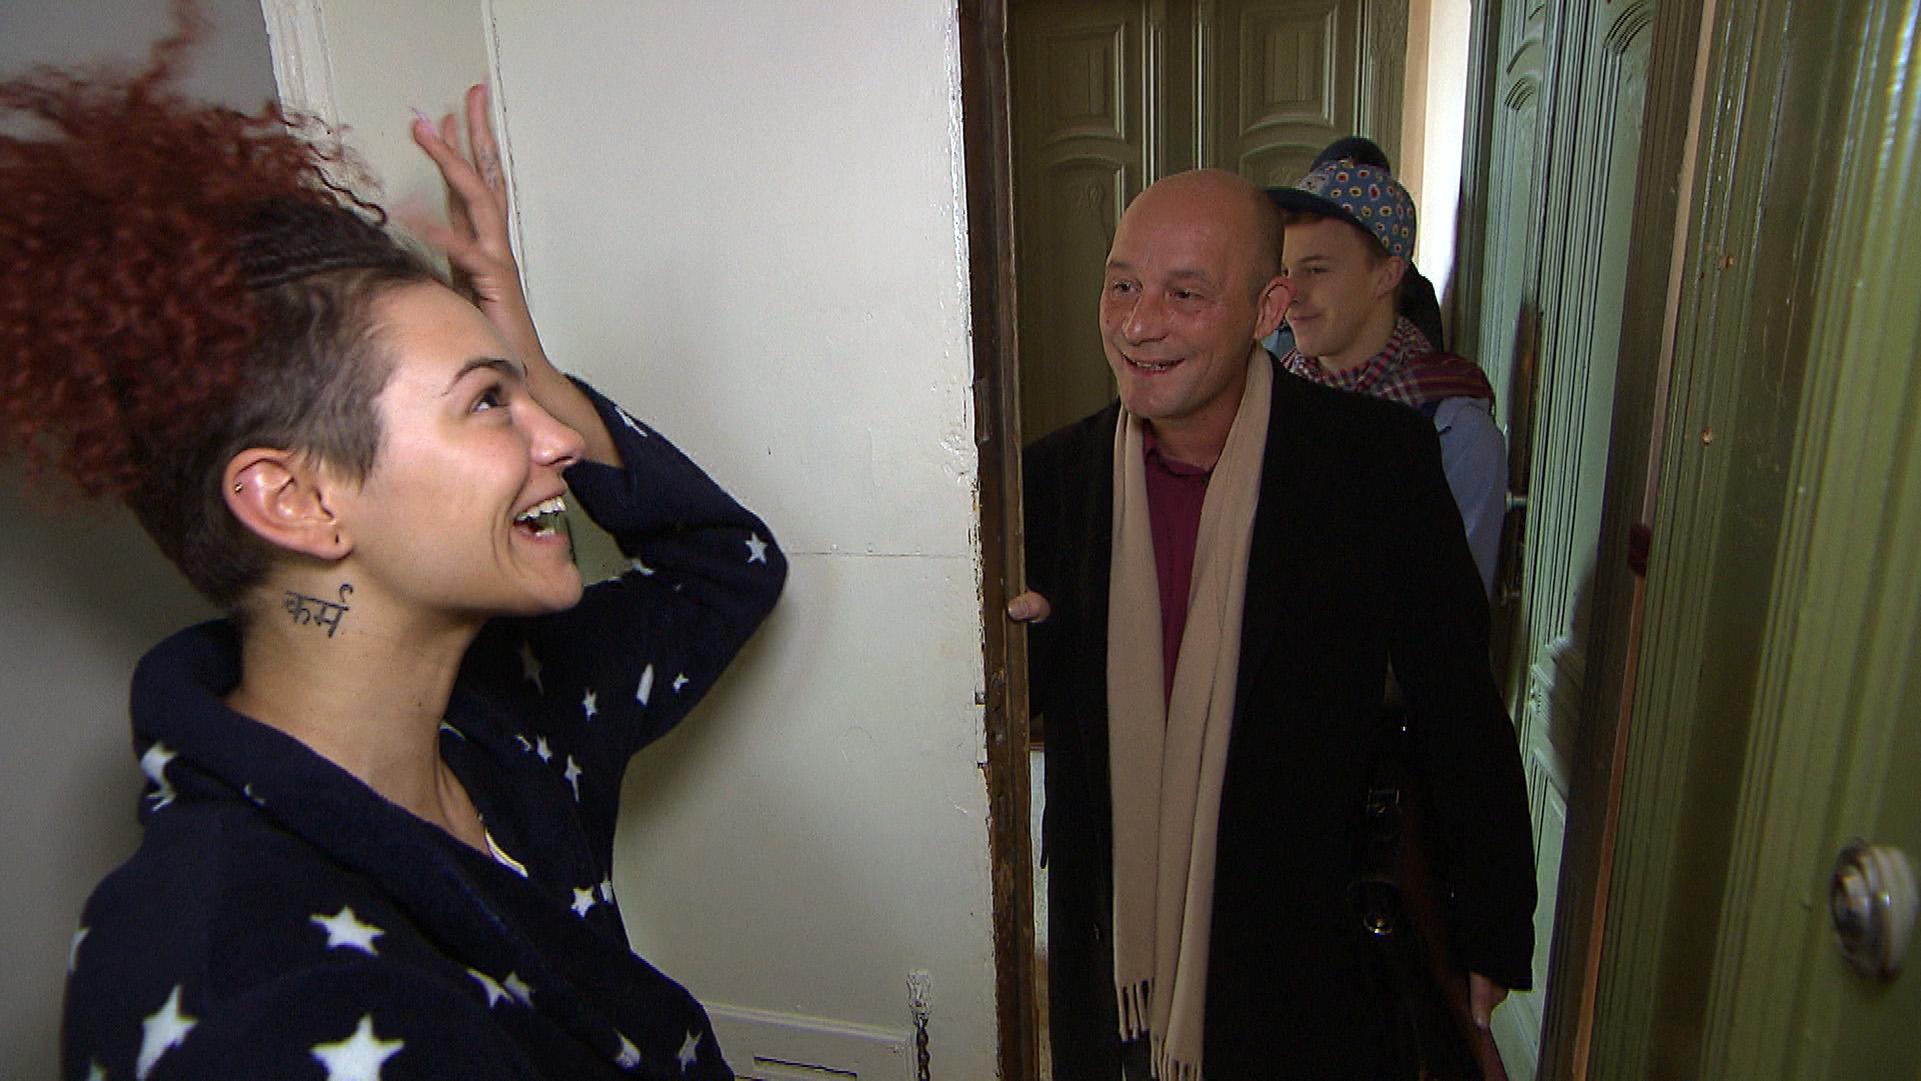 Als der Vermieter der WG mit Interessenten für das freie WG-Zimmer vor der Tür steht, gelingt es Jessica (li.) im letzten Moment, die Drogen zu verstecken... (Quelle: RTL 2)